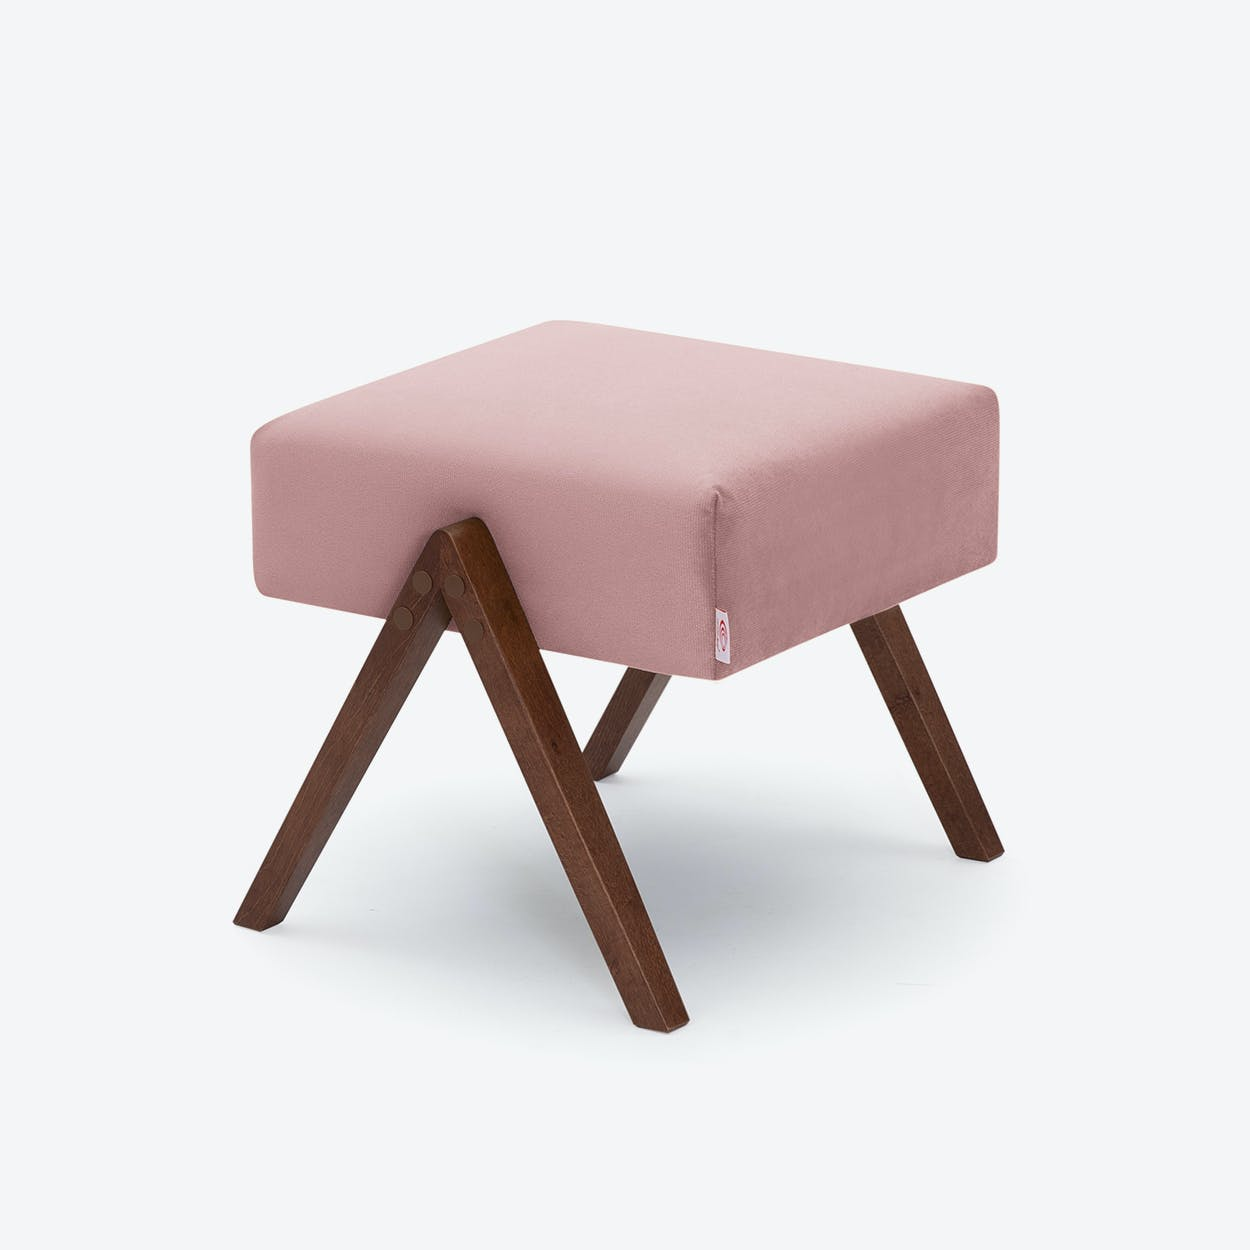 Retrostar Footstool - Velvet-Line in Vintage-Pink